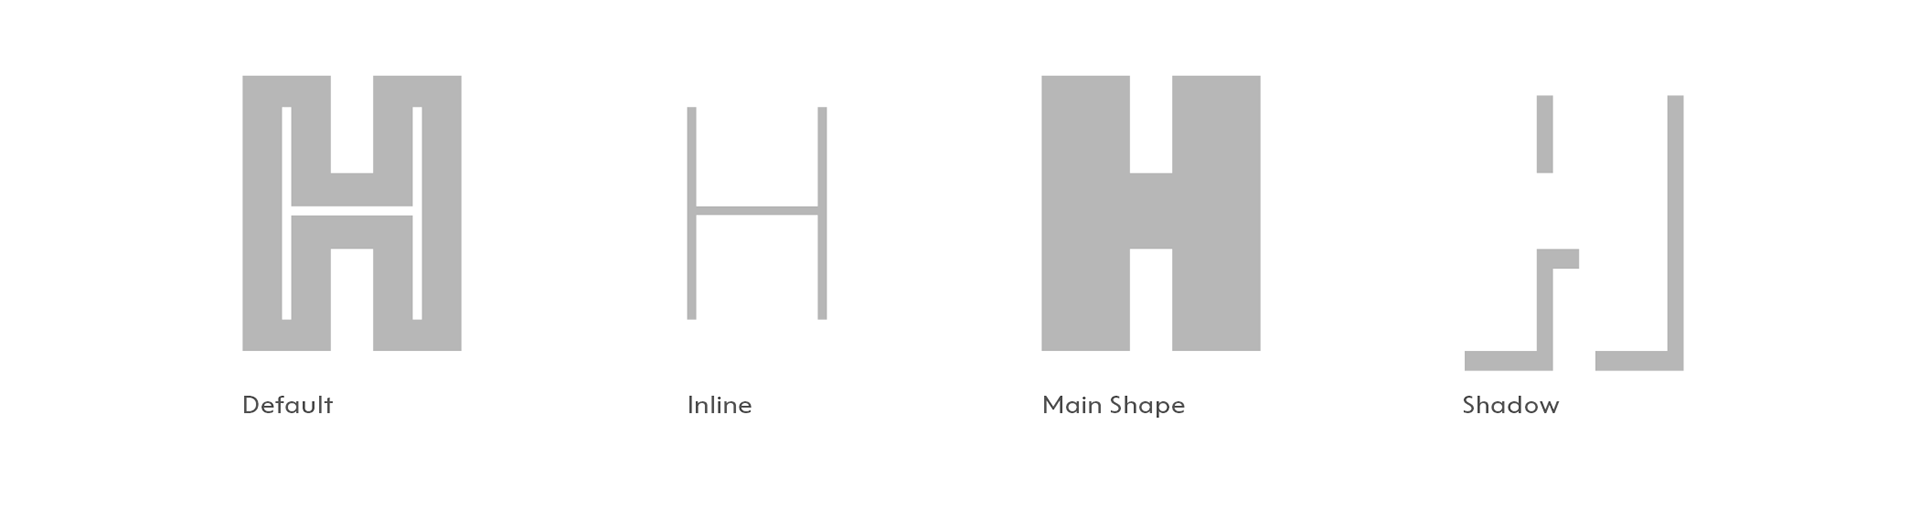 dT Jakob Variable Concept Free Font - sans-serif